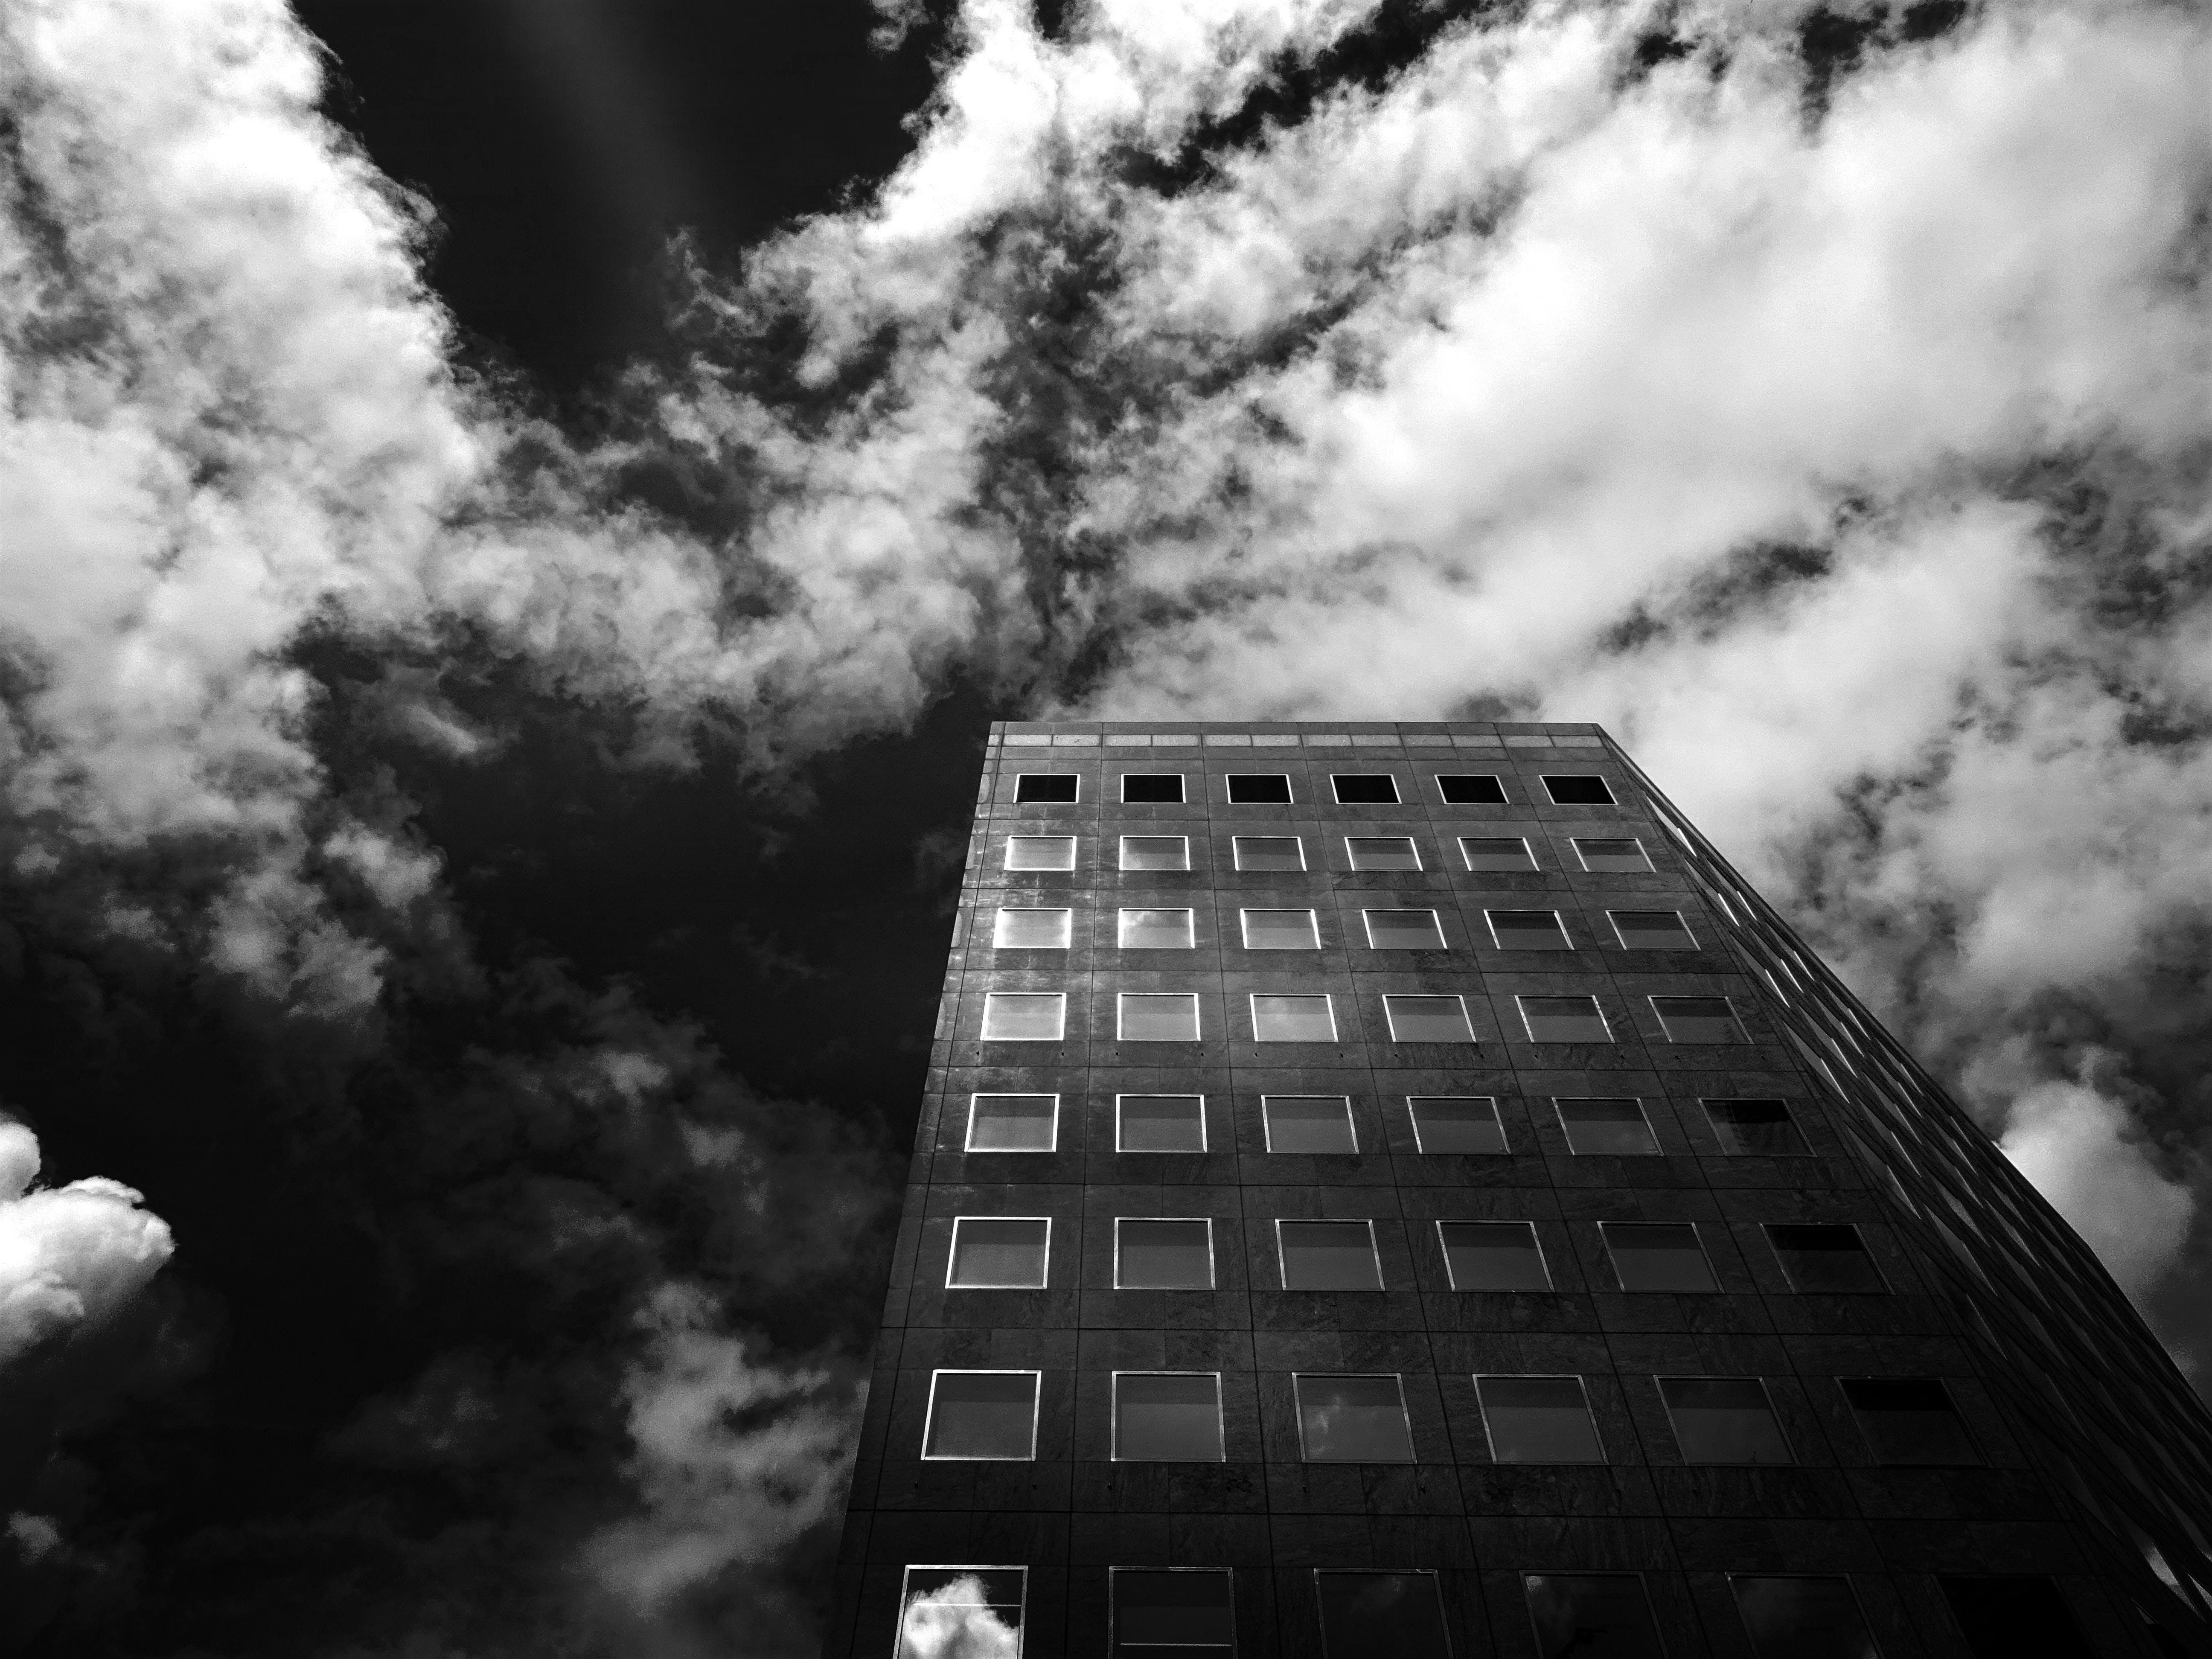 Fotos de stock gratuitas de alto, arquitectura, cielo, despachos